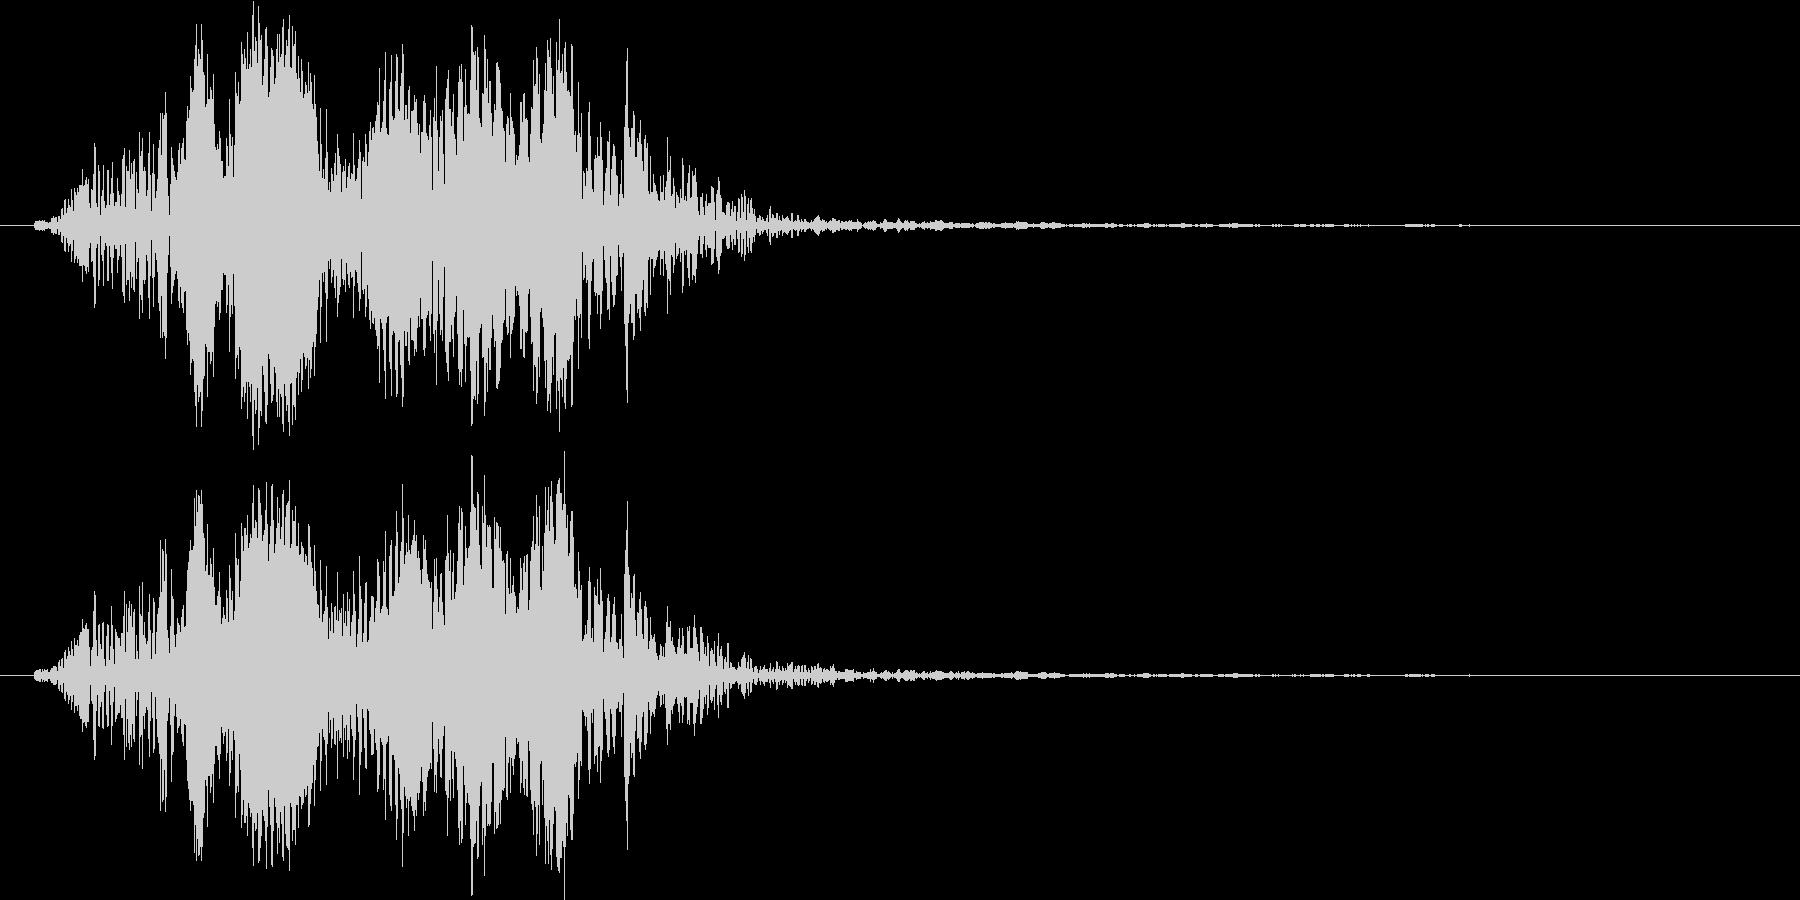 カリフォルニアアシカ(低めの声)の未再生の波形